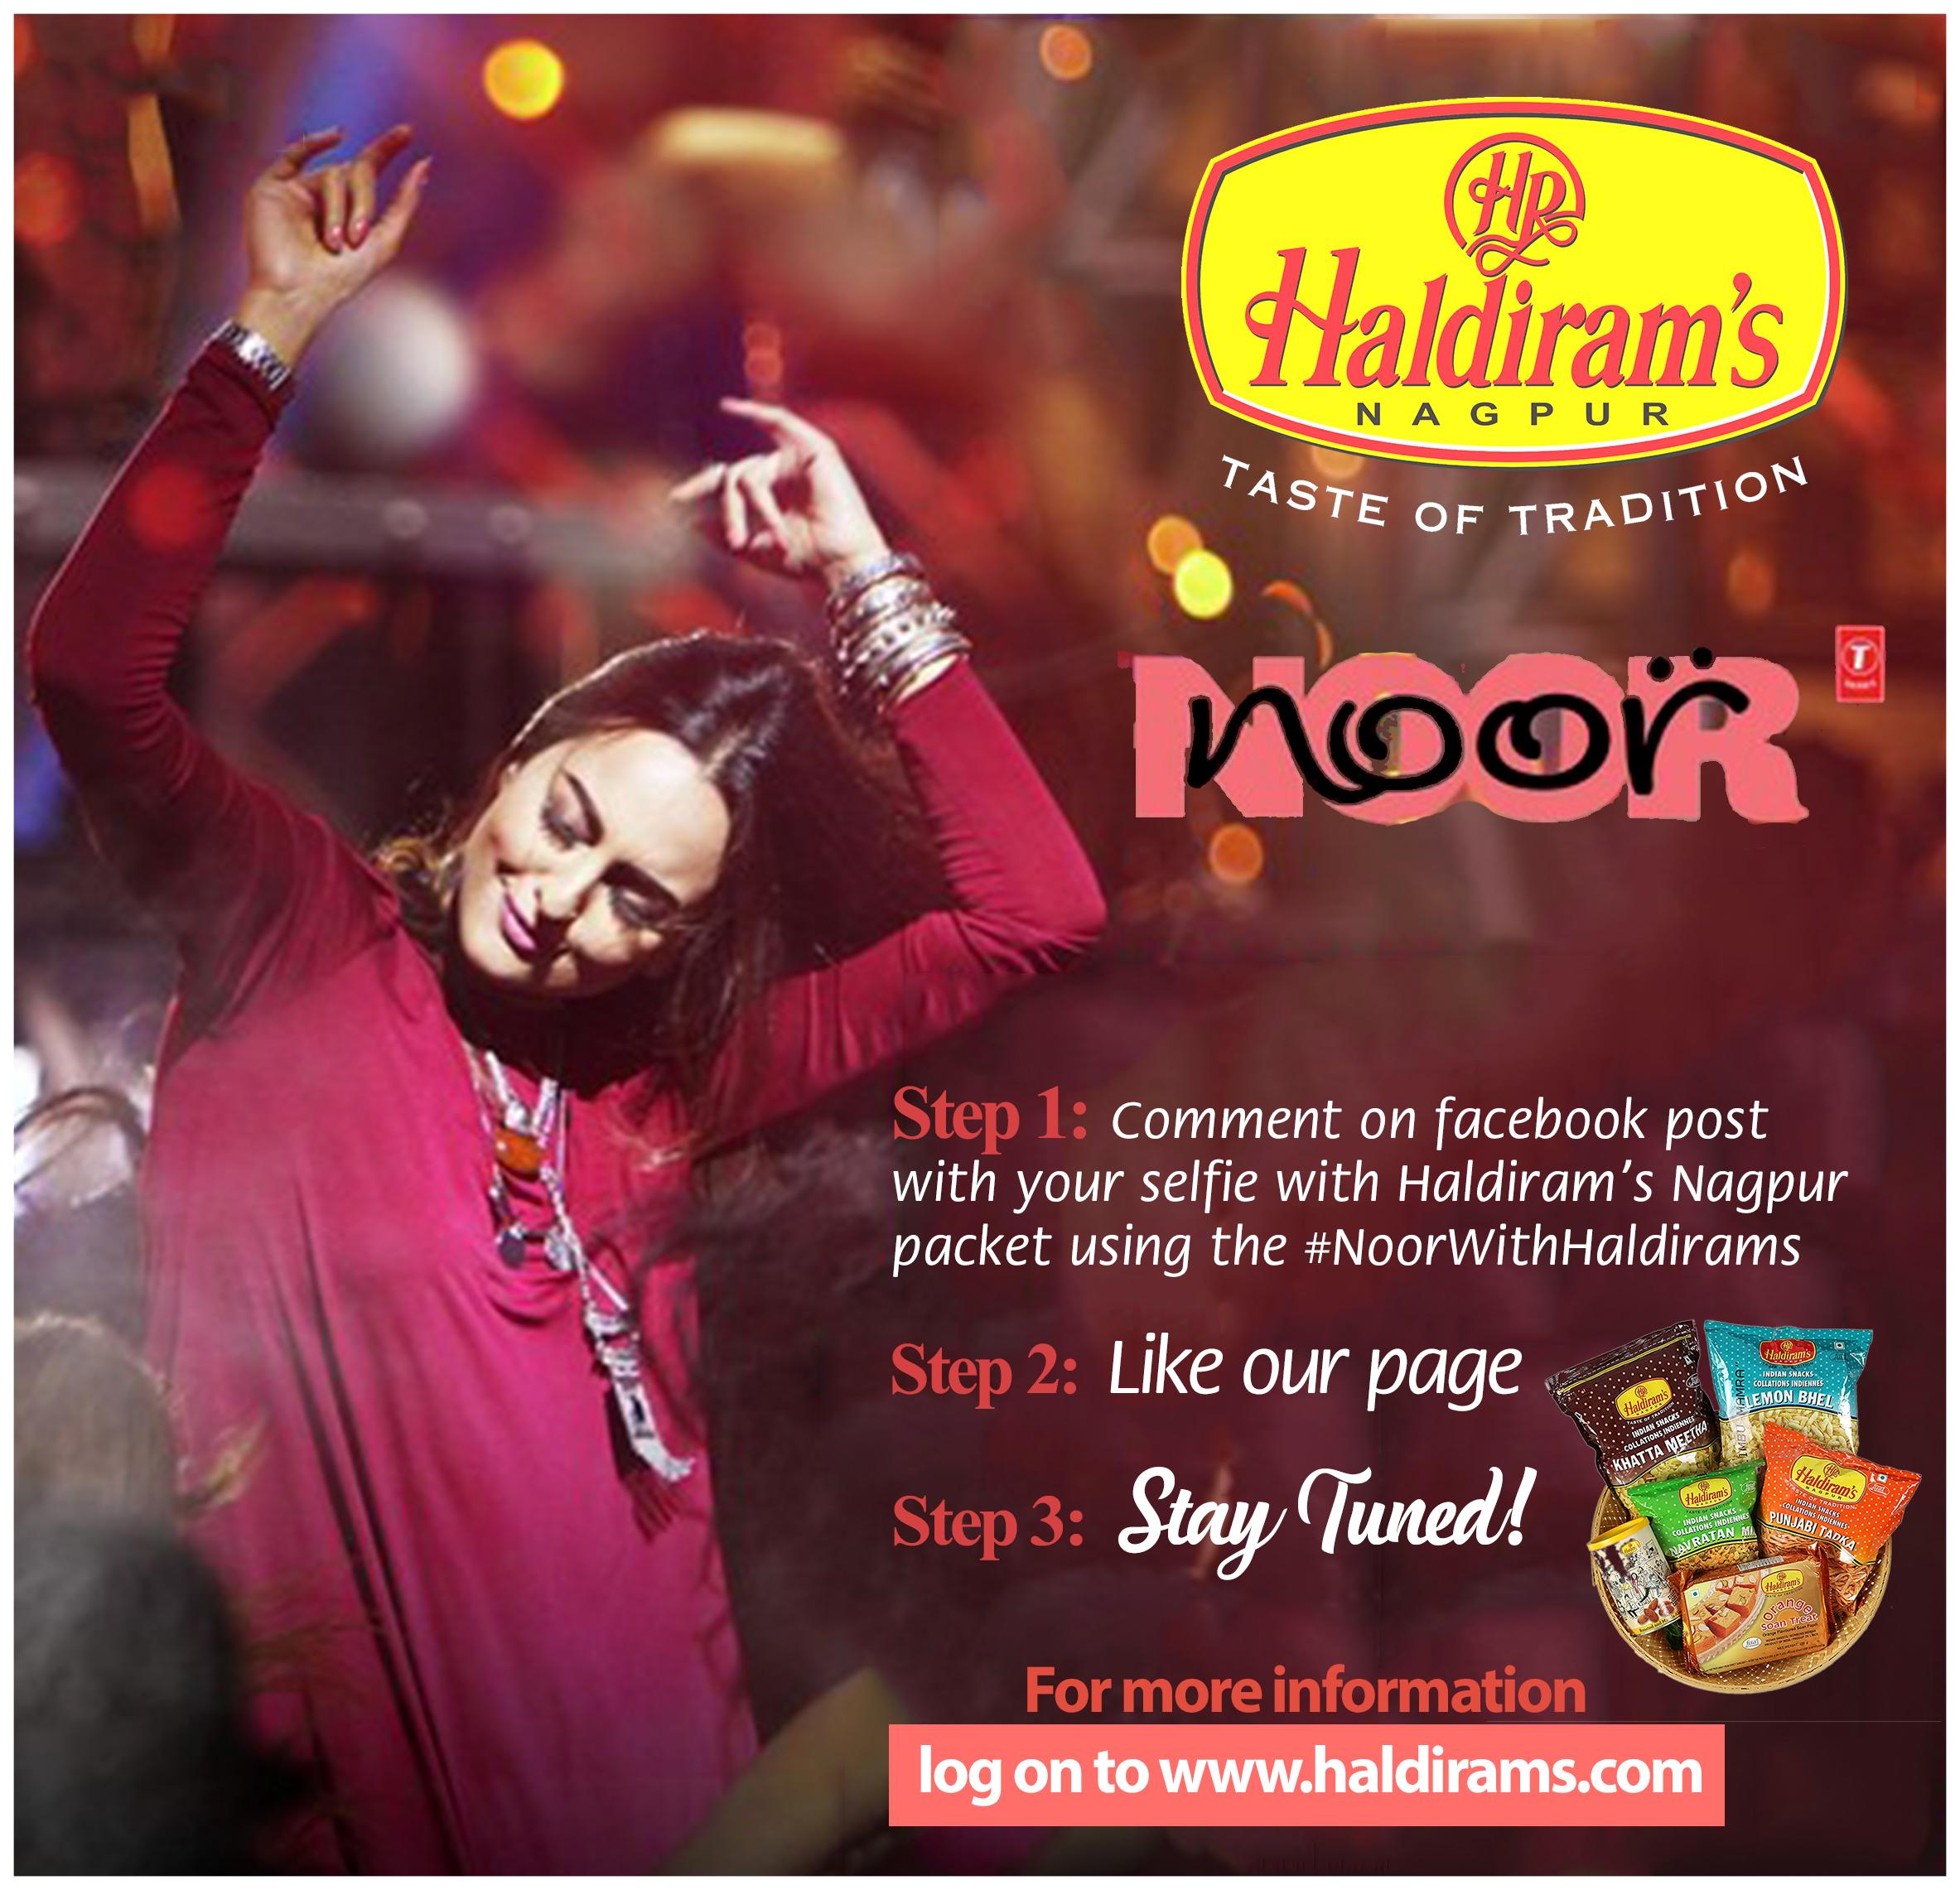 Haldirams, Haldirams Nagpur, Haldirams Nagpur Reviews, Haldirams Offer, Haldirams Contest, Noor With Haldirams